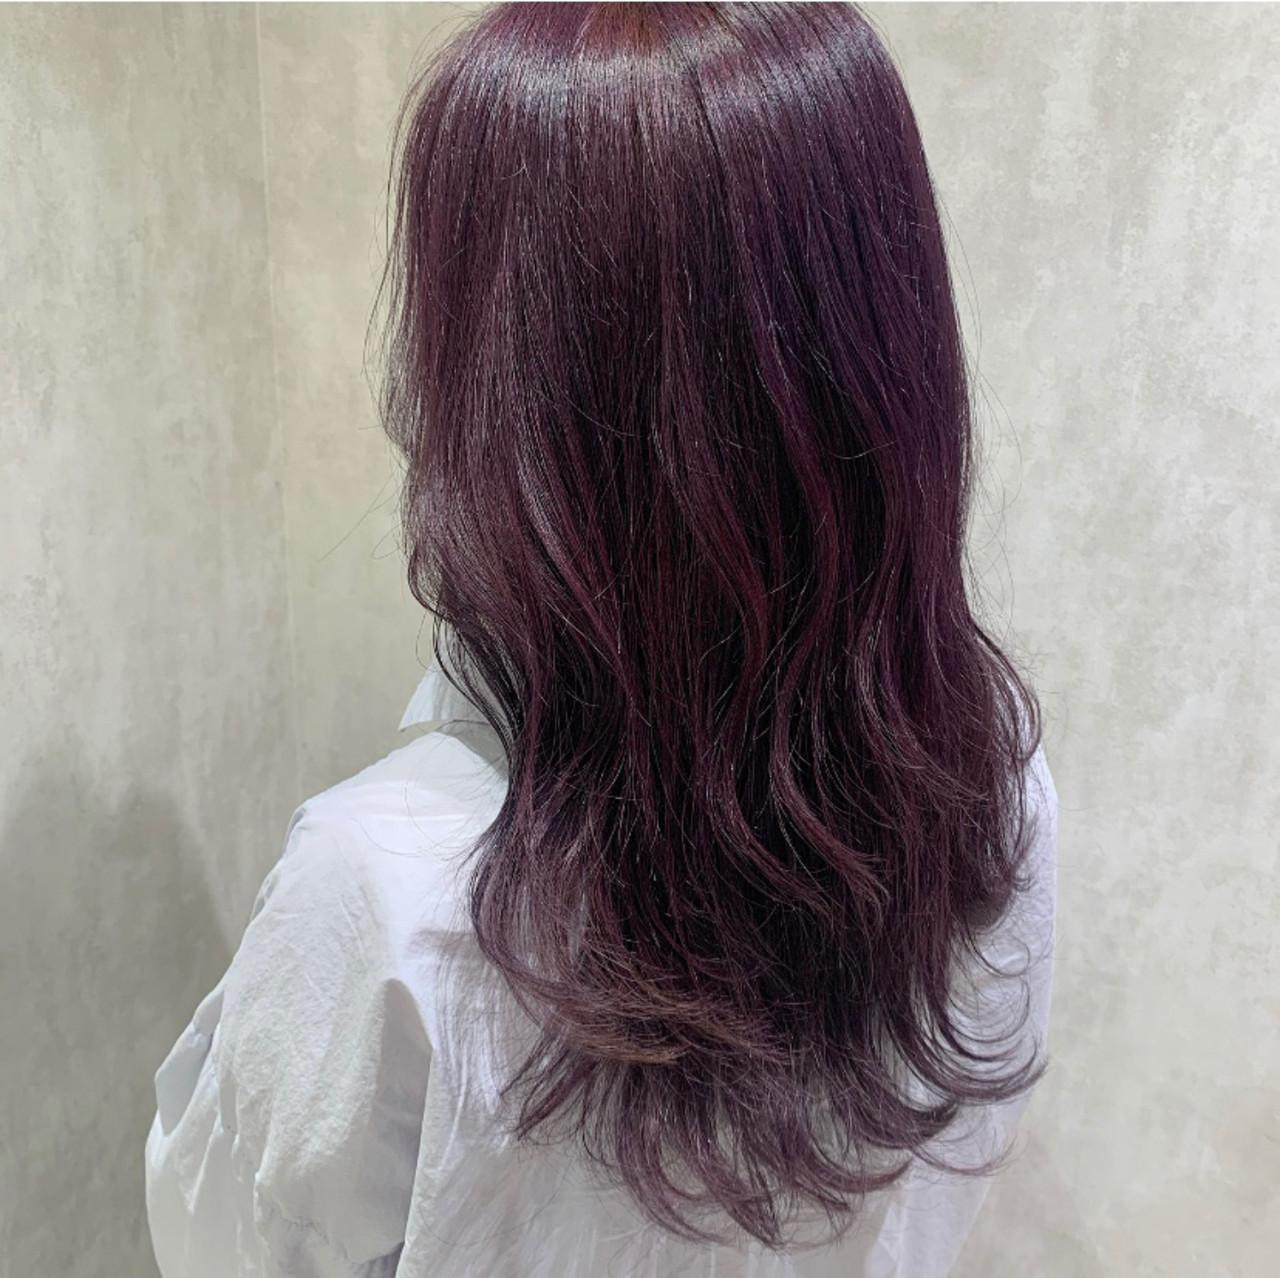 ラベンダーピンク ハイトーンカラー ブリーチカラー バイオレット ヘアスタイルや髪型の写真・画像